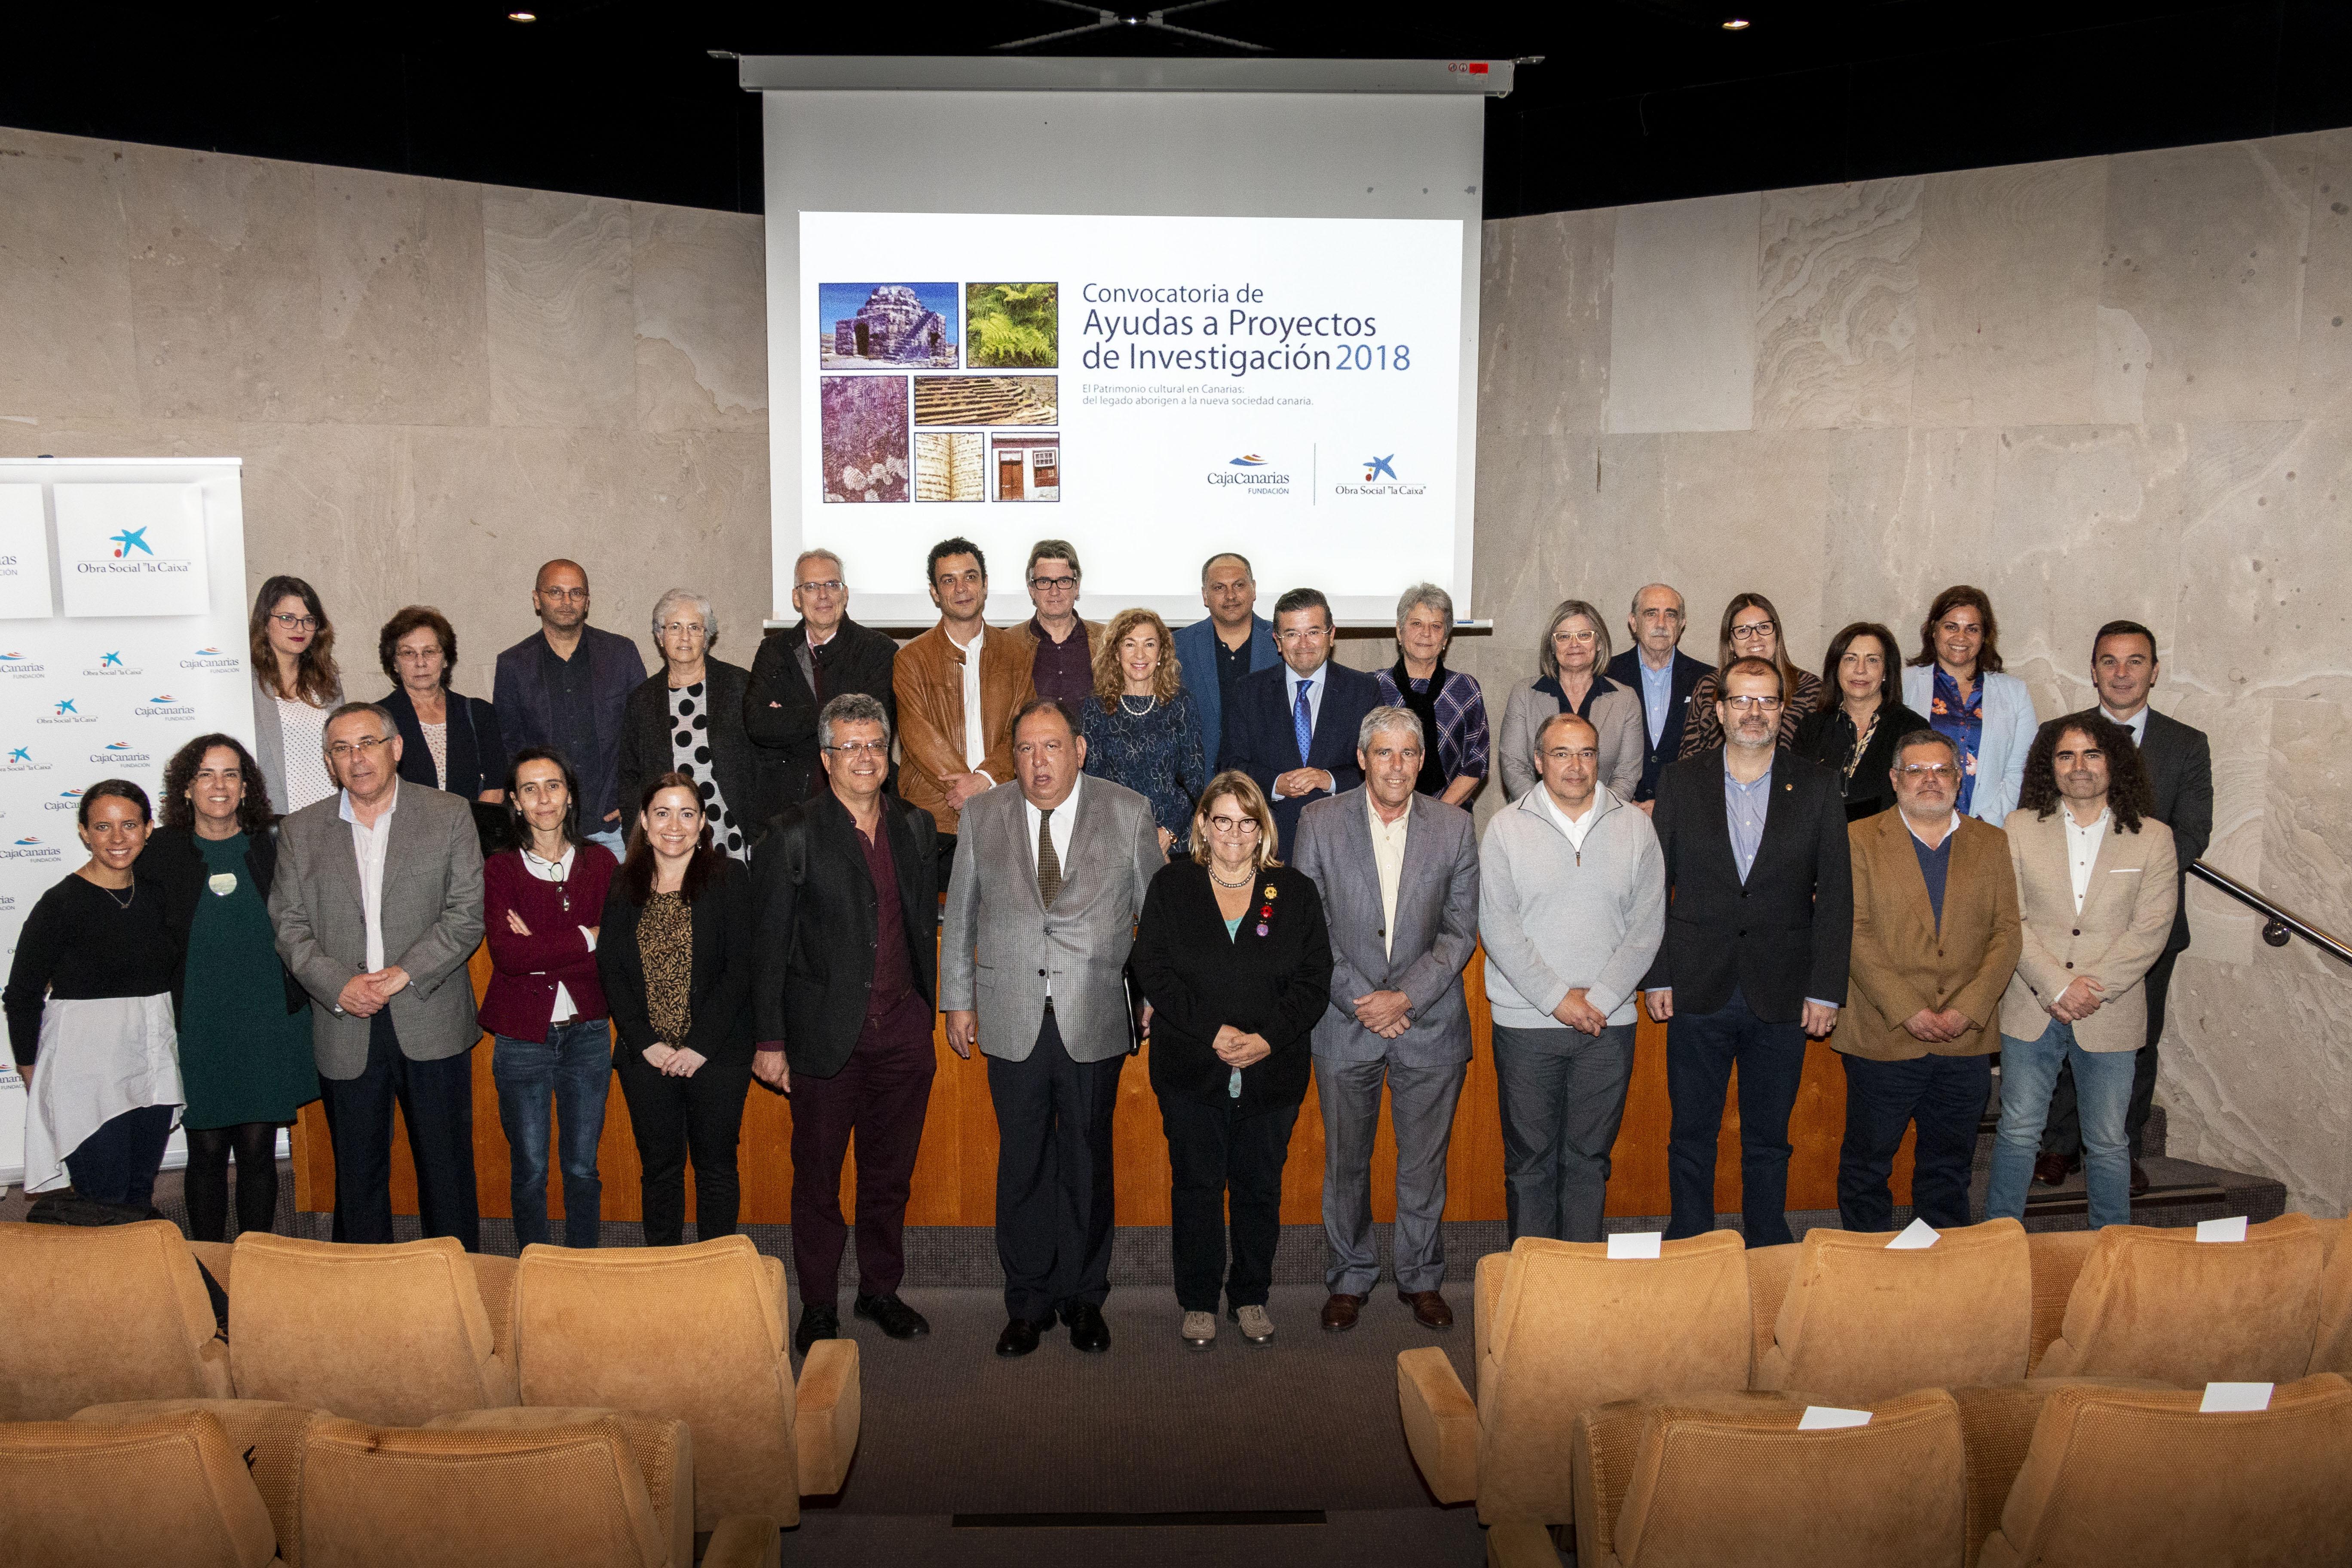 La Fundación CajaCanarias y la Caixa anuncian la resolución de su Convocatoria de Ayudas a Proyectos de Investigación 2019